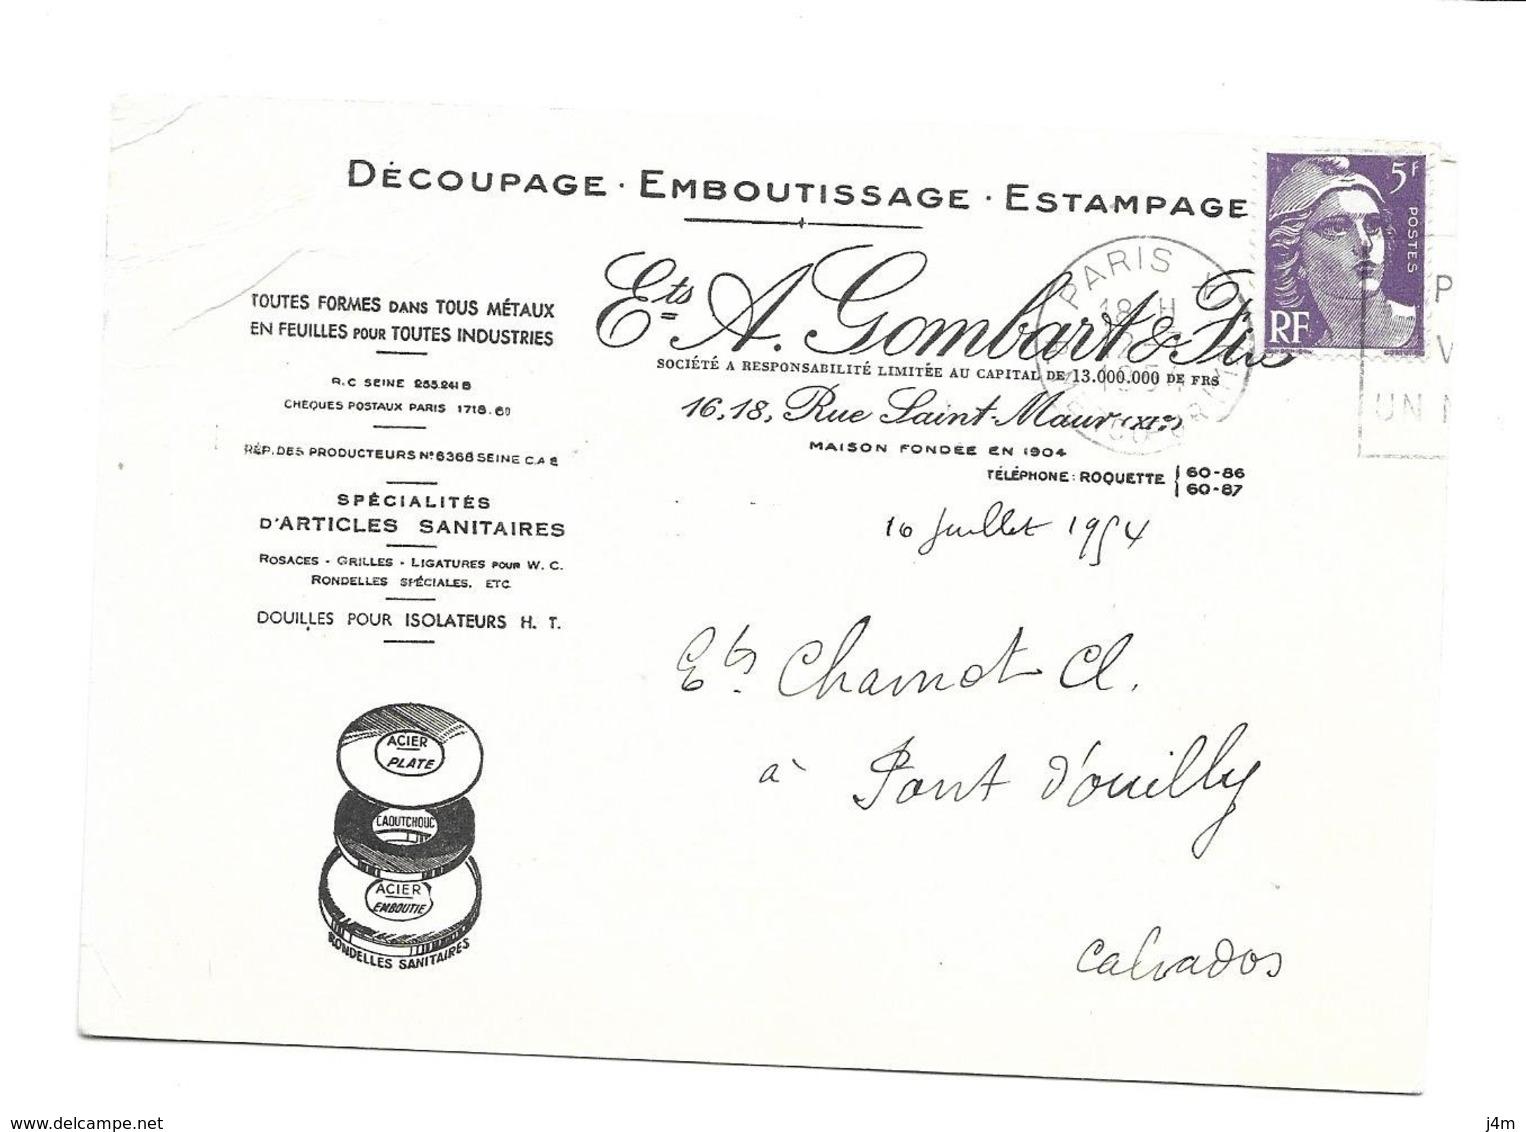 DOCUMENT Commercial CARTE POSTALE 1954..Découpage Emboutissage Ets A. GOMBART & Cie Rue St Maur PARIS XIe - France